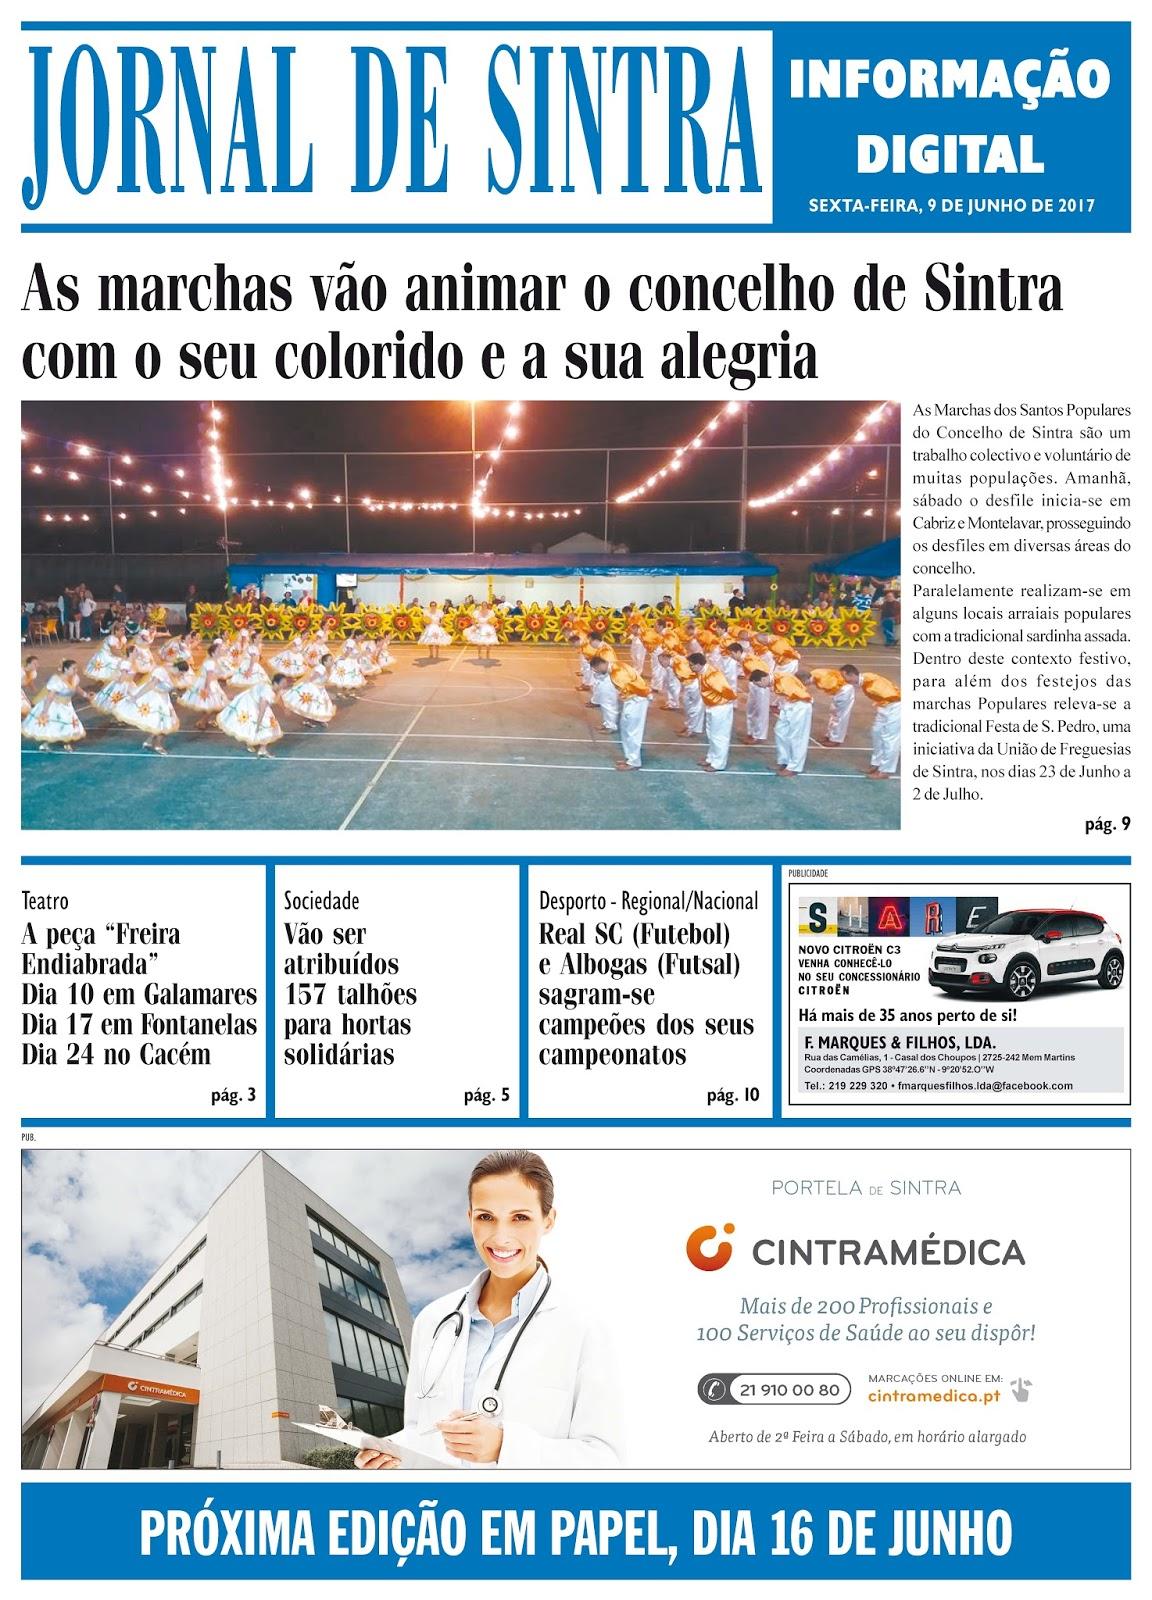 Capa da edição de 09-06-2017